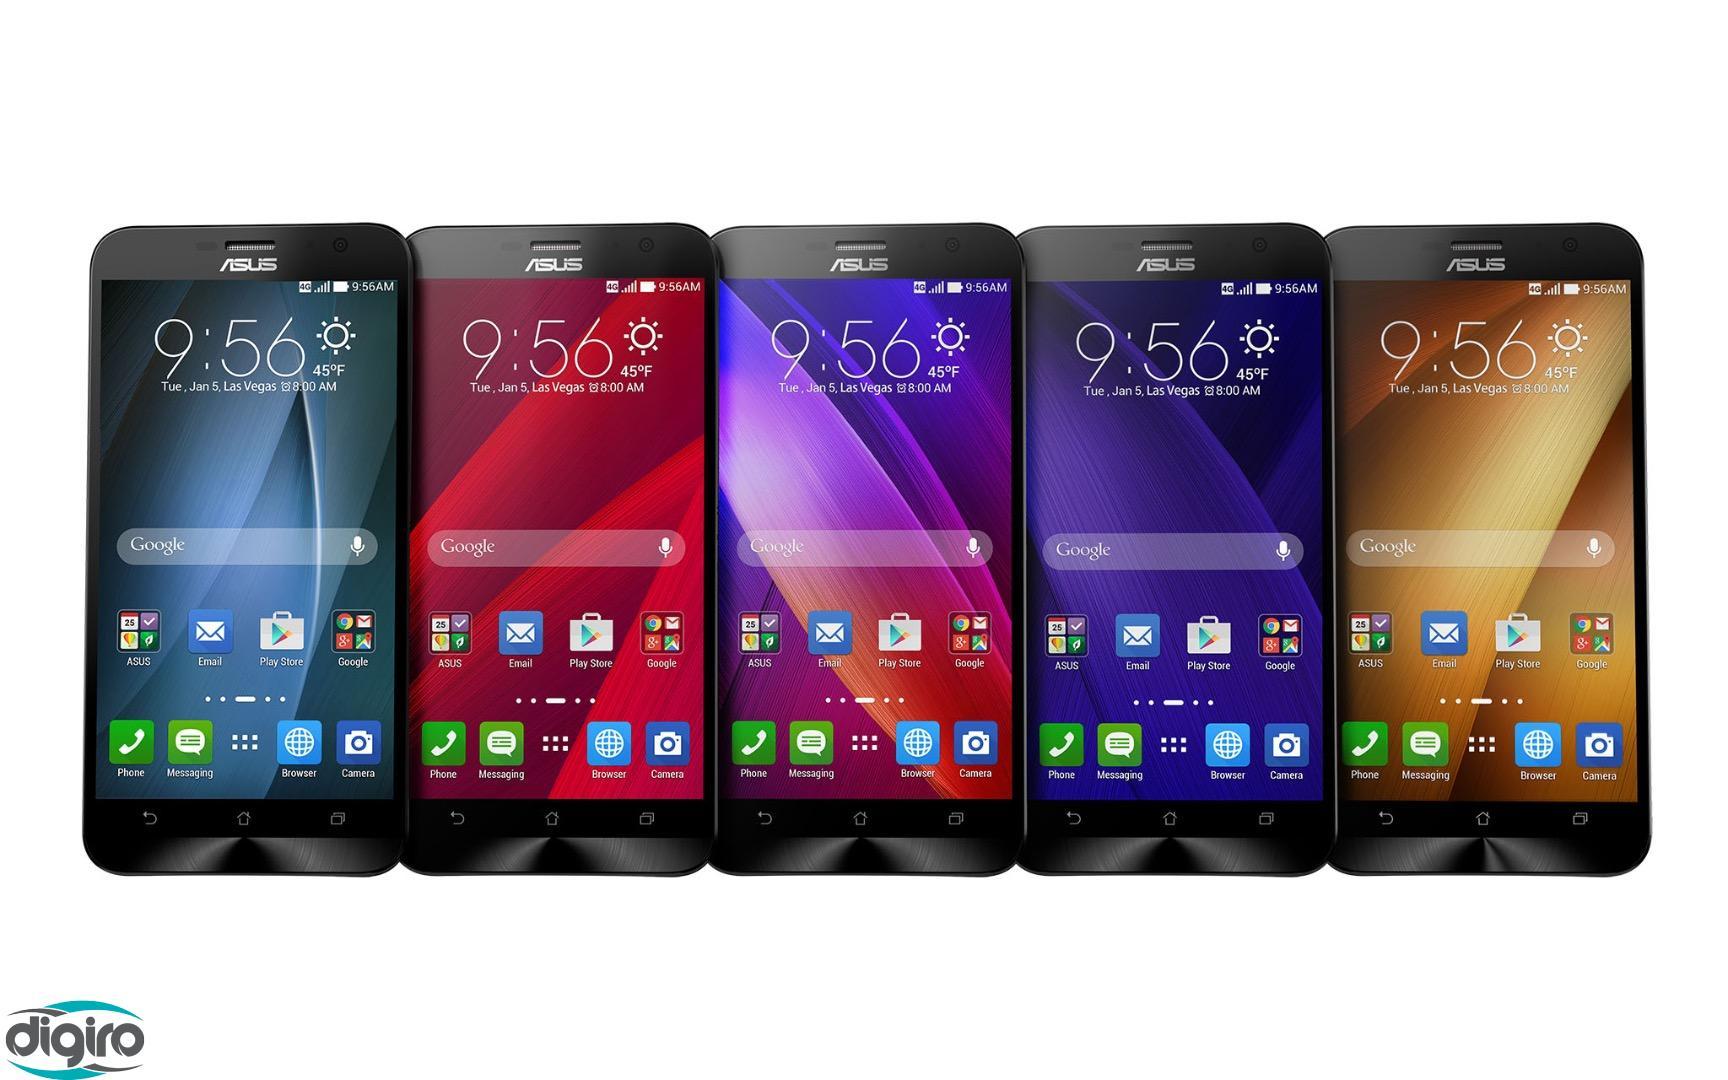 تلفن های هوشمند با قابلیت های متفاوت